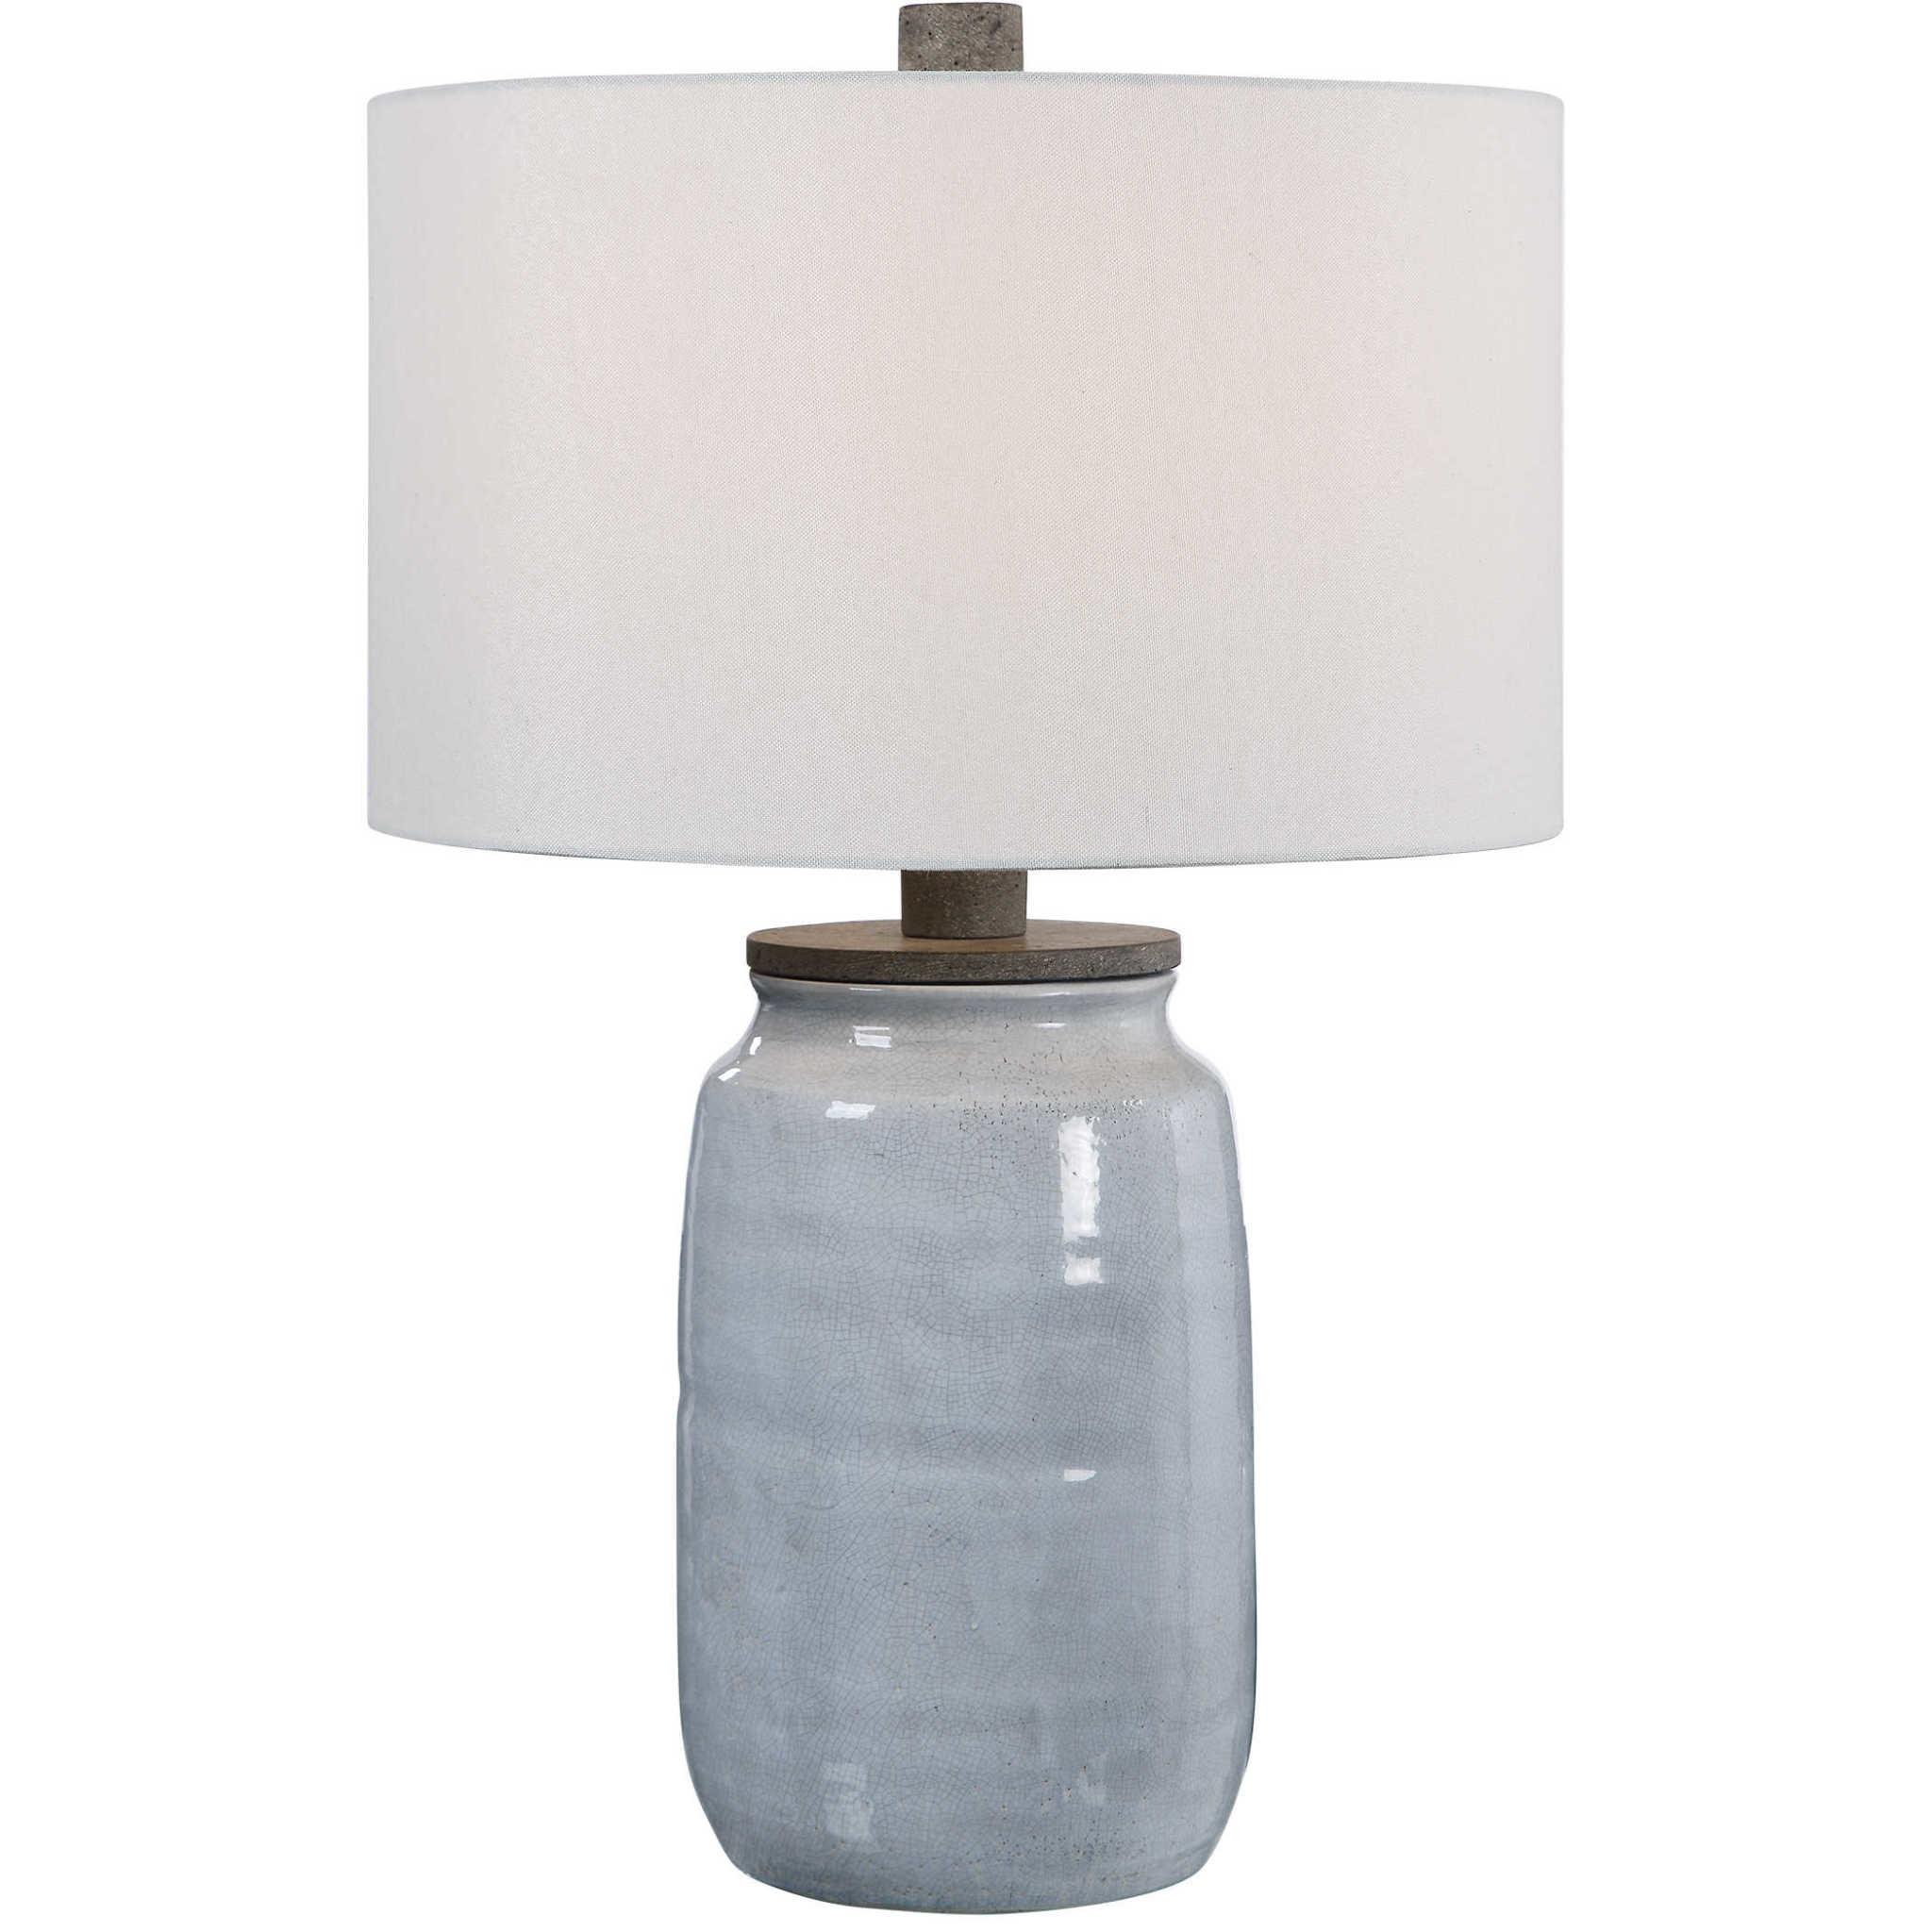 Dimitri Table Lamp